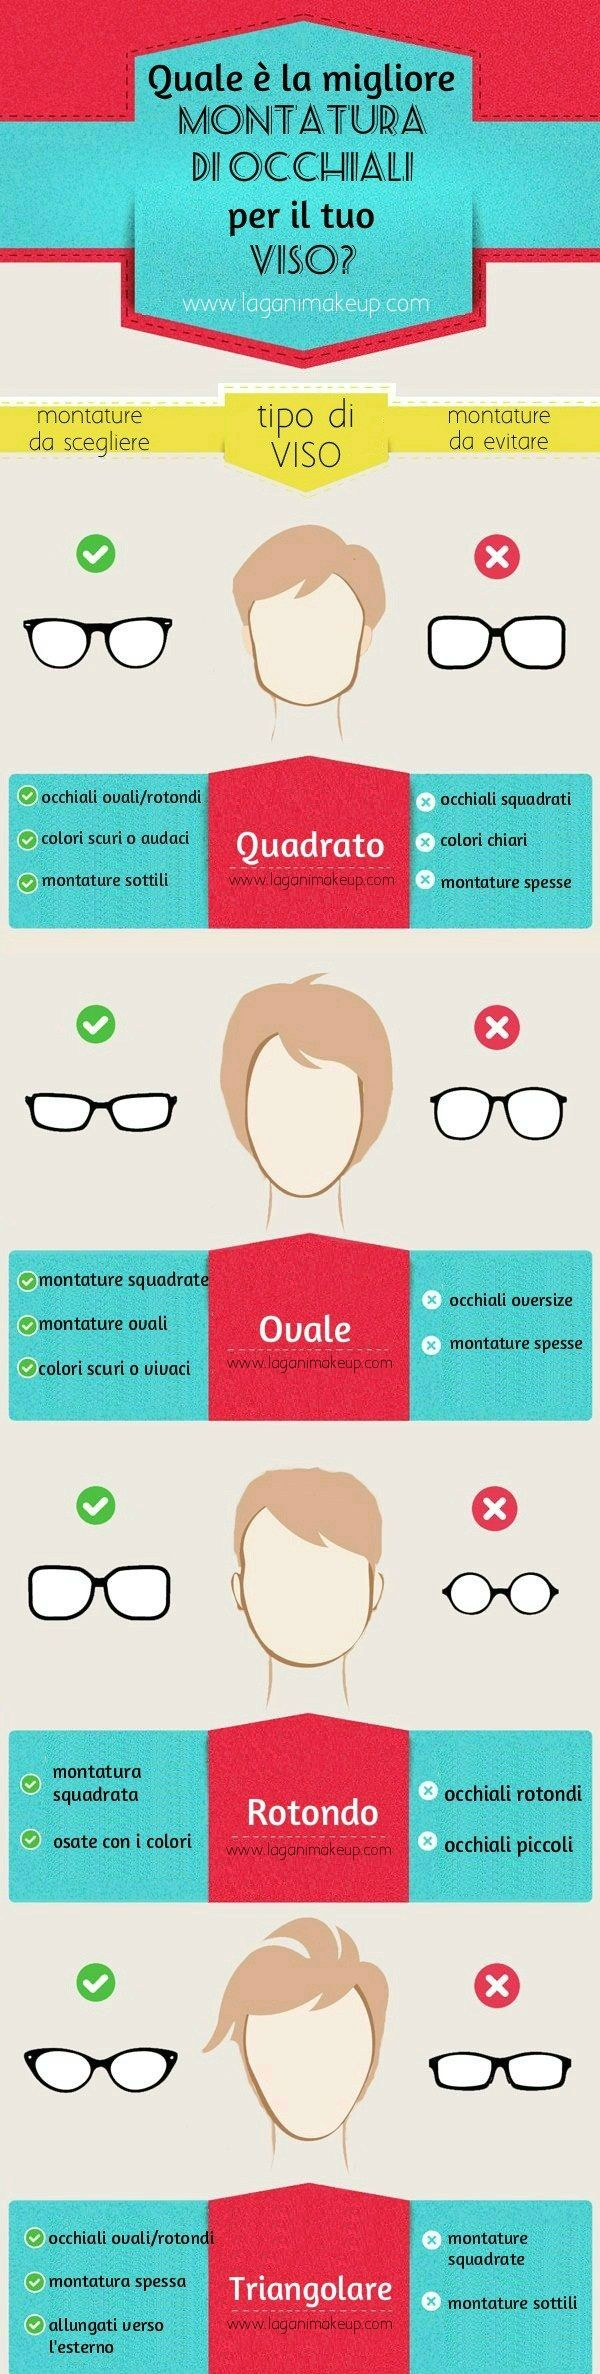 come scegliere la montatura degli occhiali da vista in base alla forma del viso